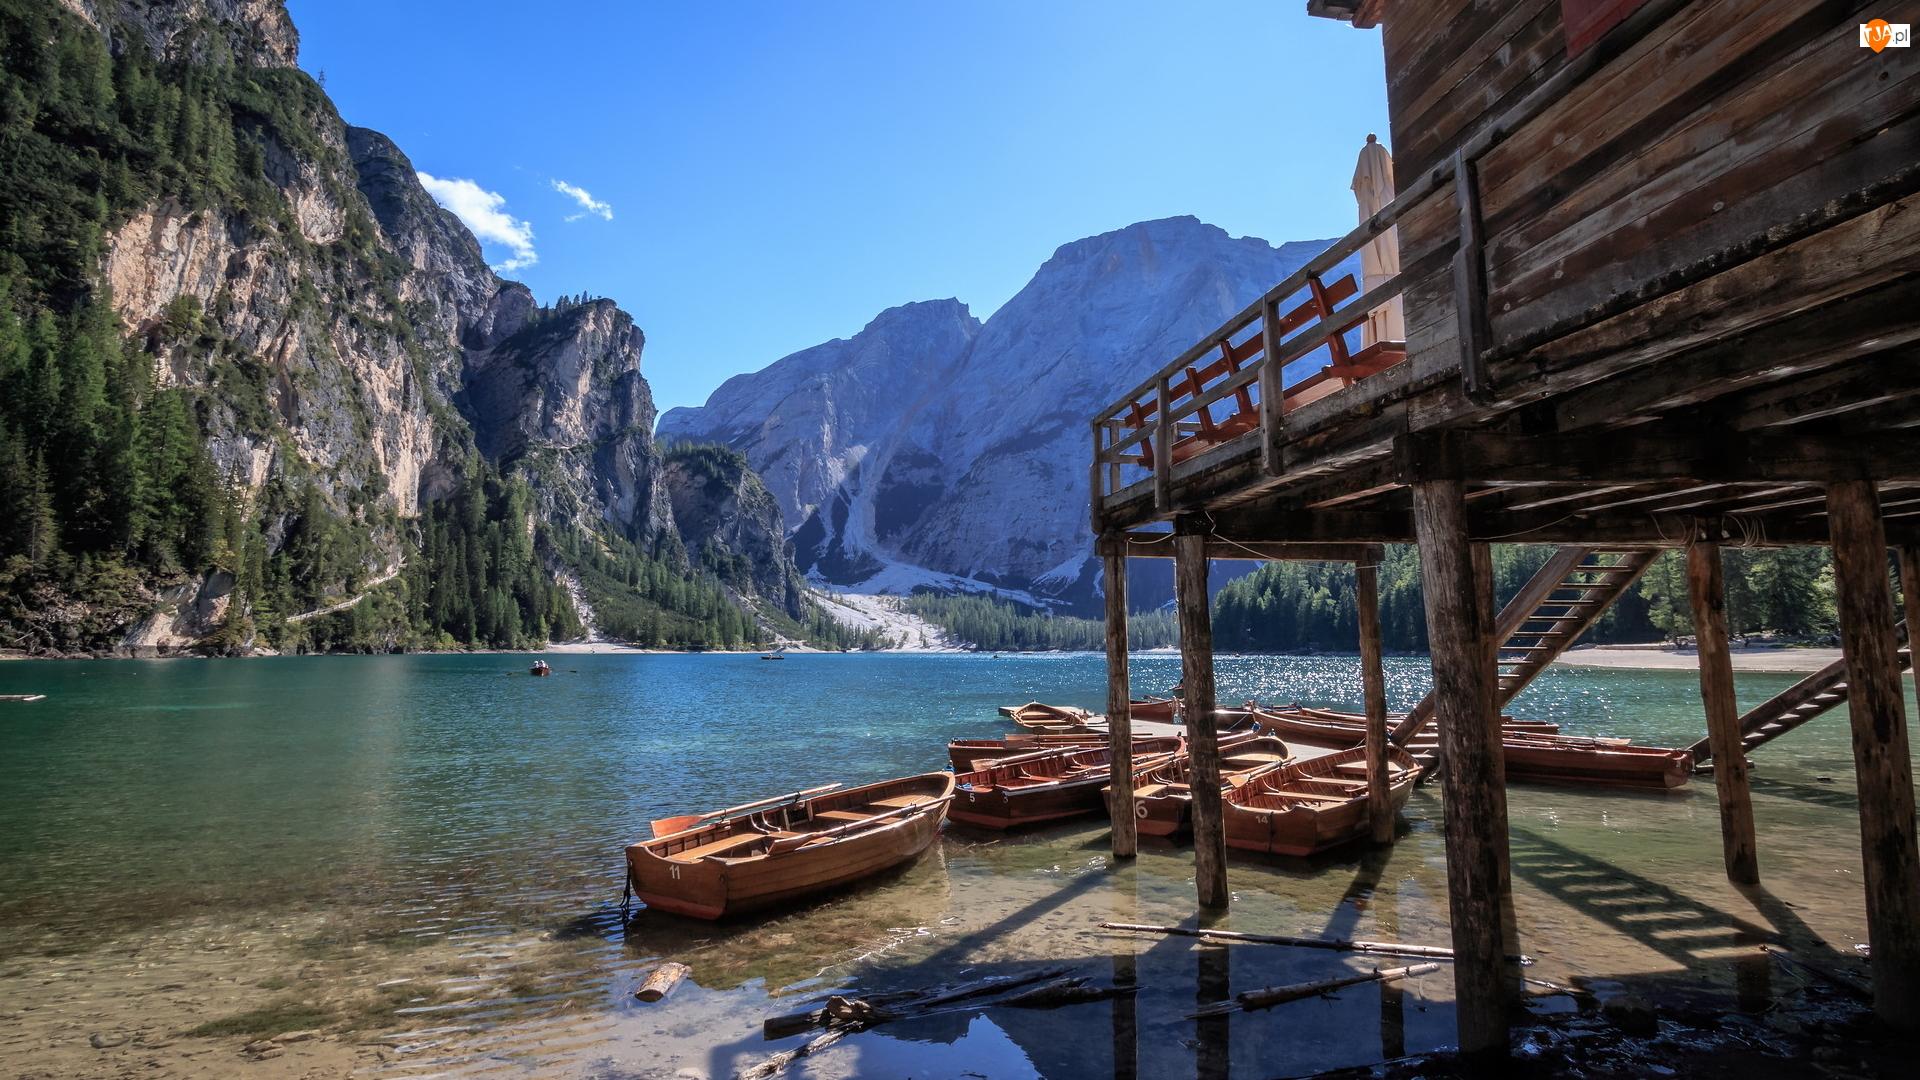 Łódki, Południowy Tyrol, Domek, Dolomity, Drewniany, Jezioro Pragser Wildsee, Lago di Braies, Włochy, Góry